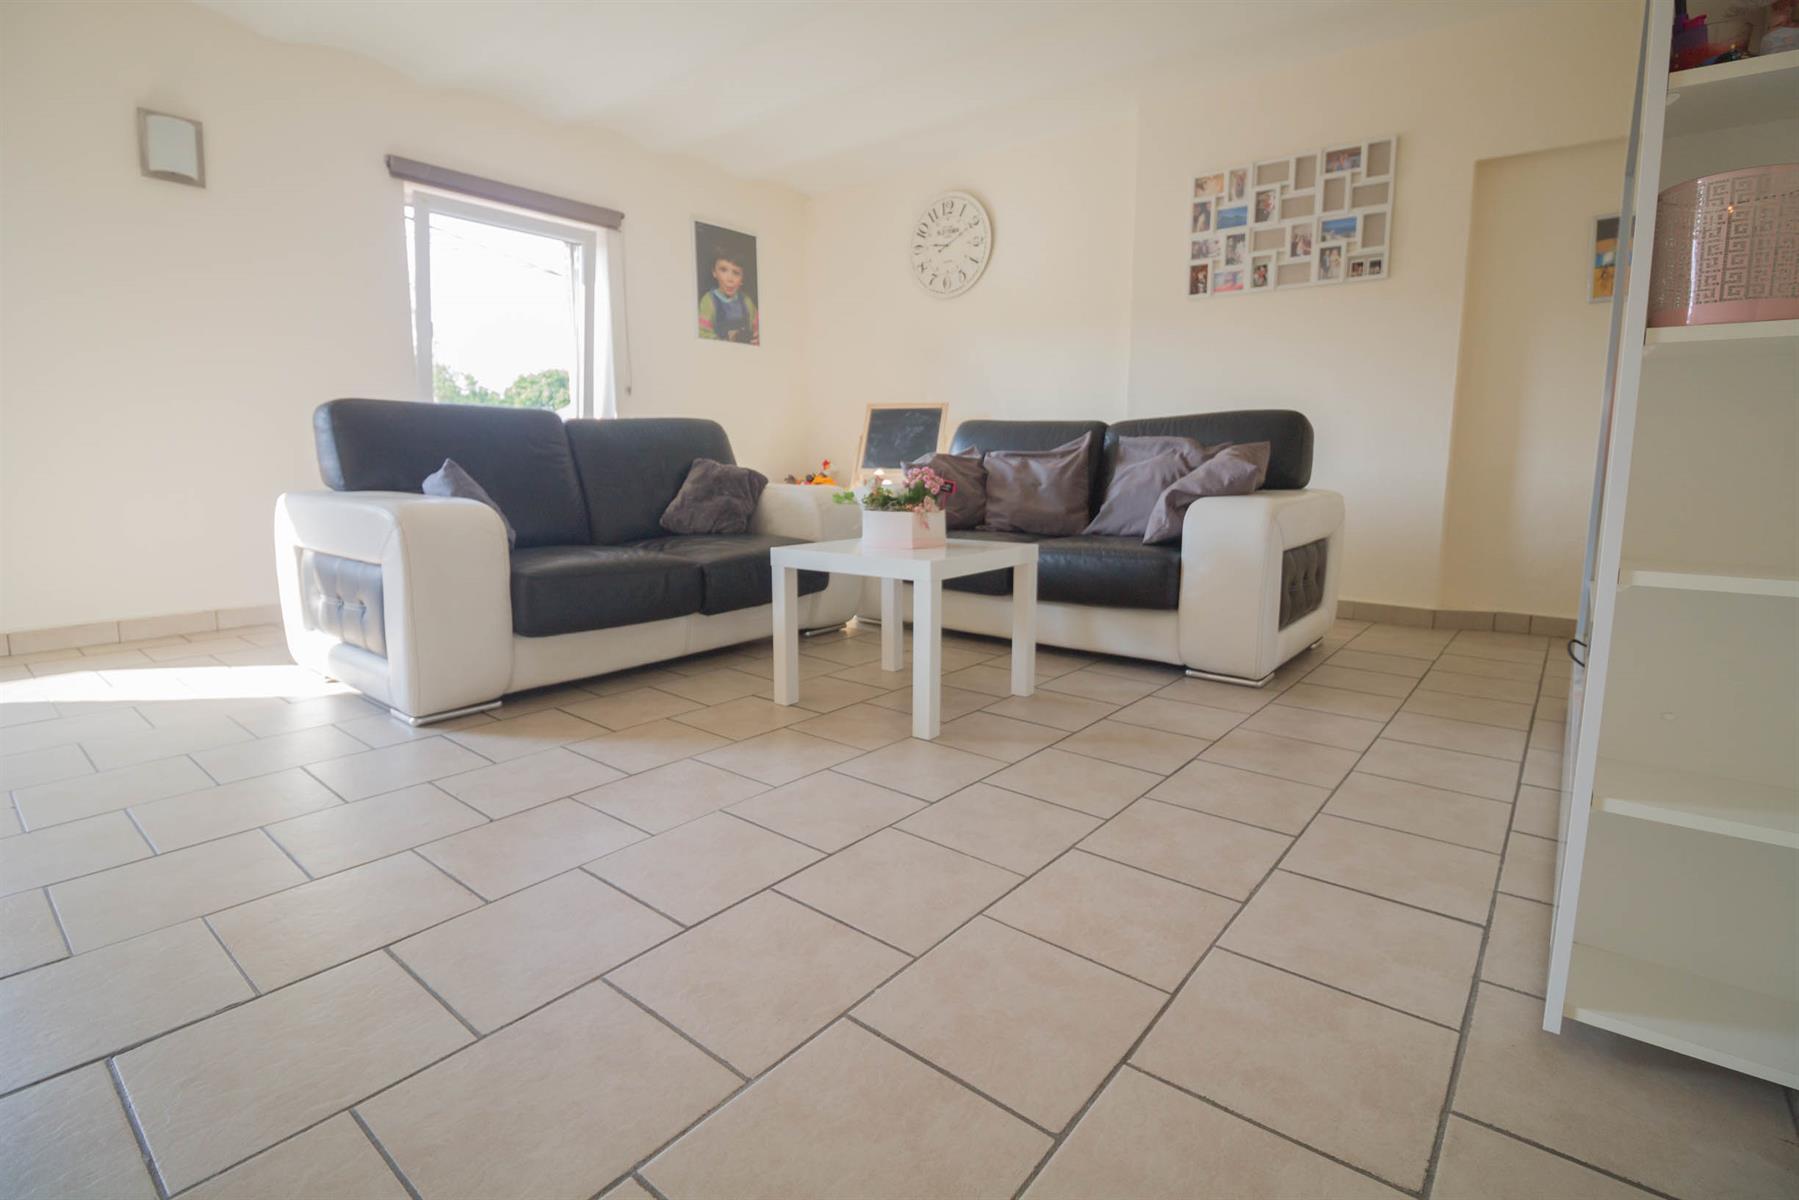 Maison - Forchies-la-Marche - #4397250-18